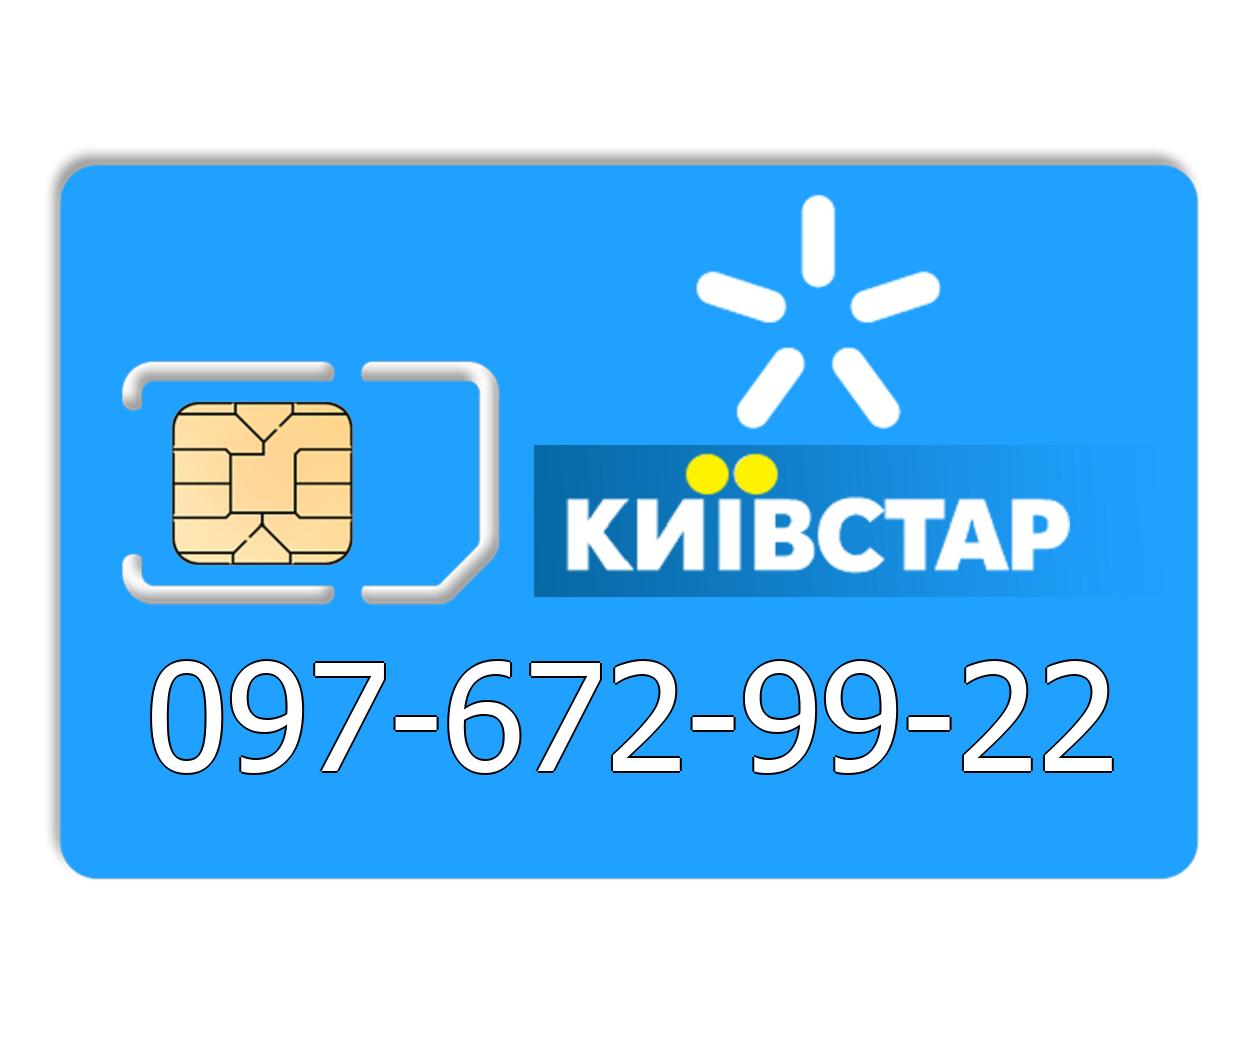 Красивый номер Киевстар 097-672-99-22